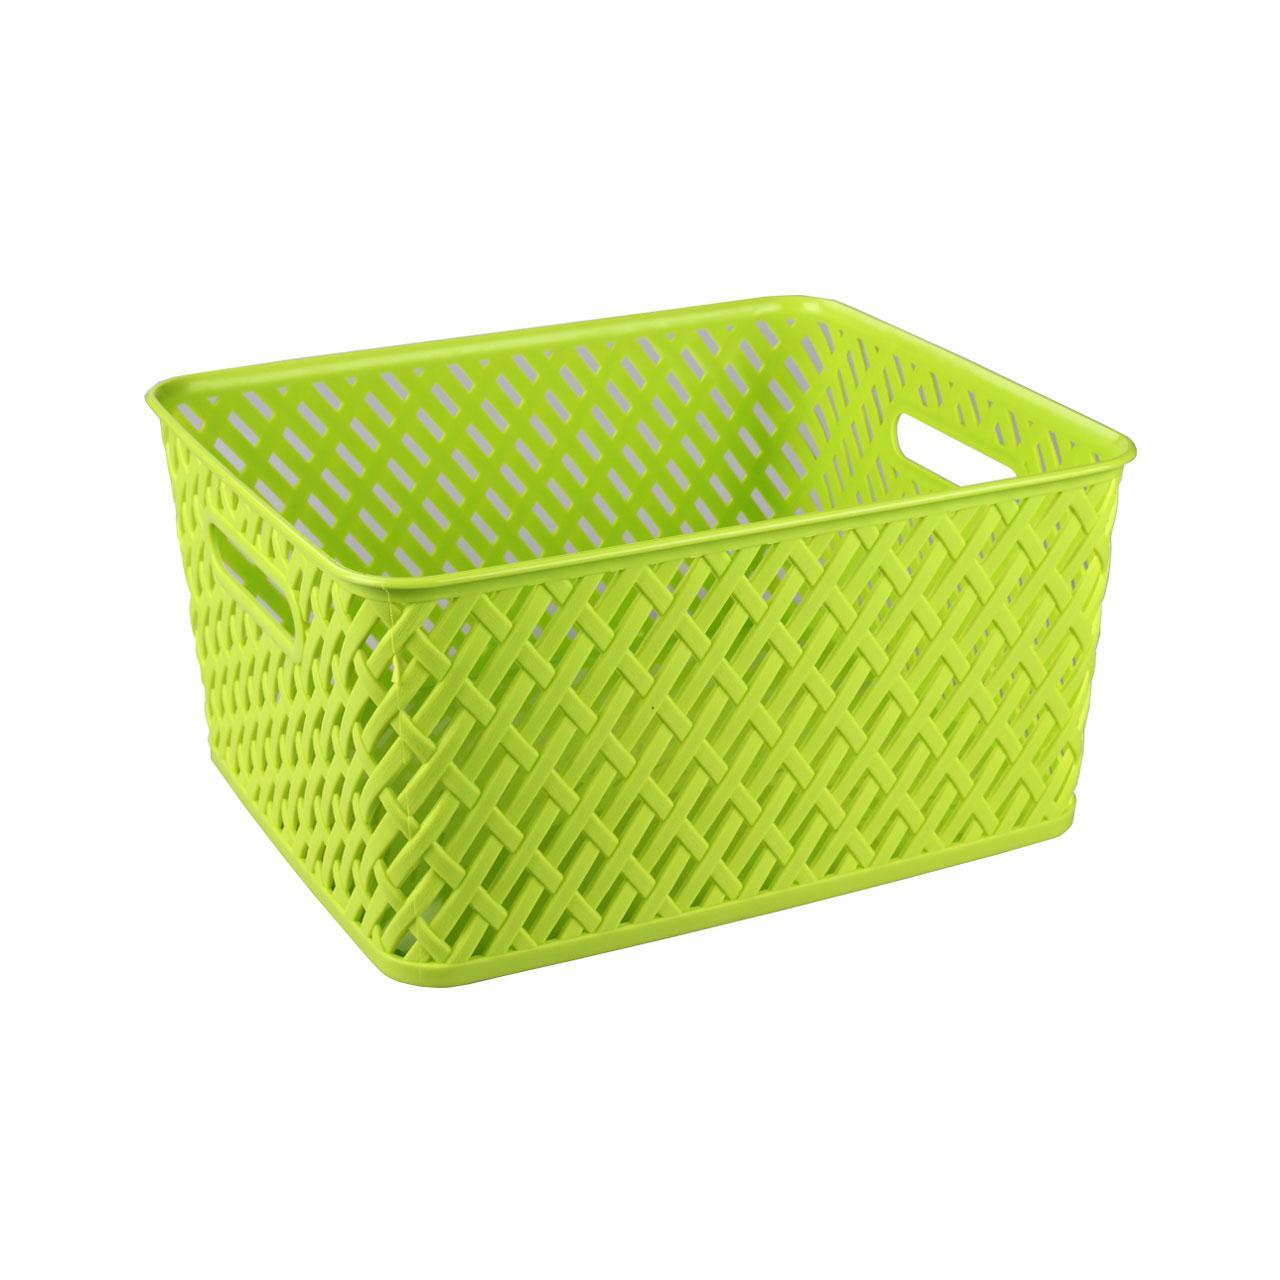 """Прямоугольная корзина """"Плетенка"""" изготовлена из высококачественного пластика и декорирована перфорацией. Она предназначена для хранения различных мелочей дома или на даче. Благодаря сплошному дну позволяет хранить мелкие вещи, исключая возможность их потери. Имеются 2 ручки для удобной переноски. Корзина очень вместительная. Элегантный выдержанный дизайн позволяет органично вписаться в ваш интерьер и стать его элементом."""